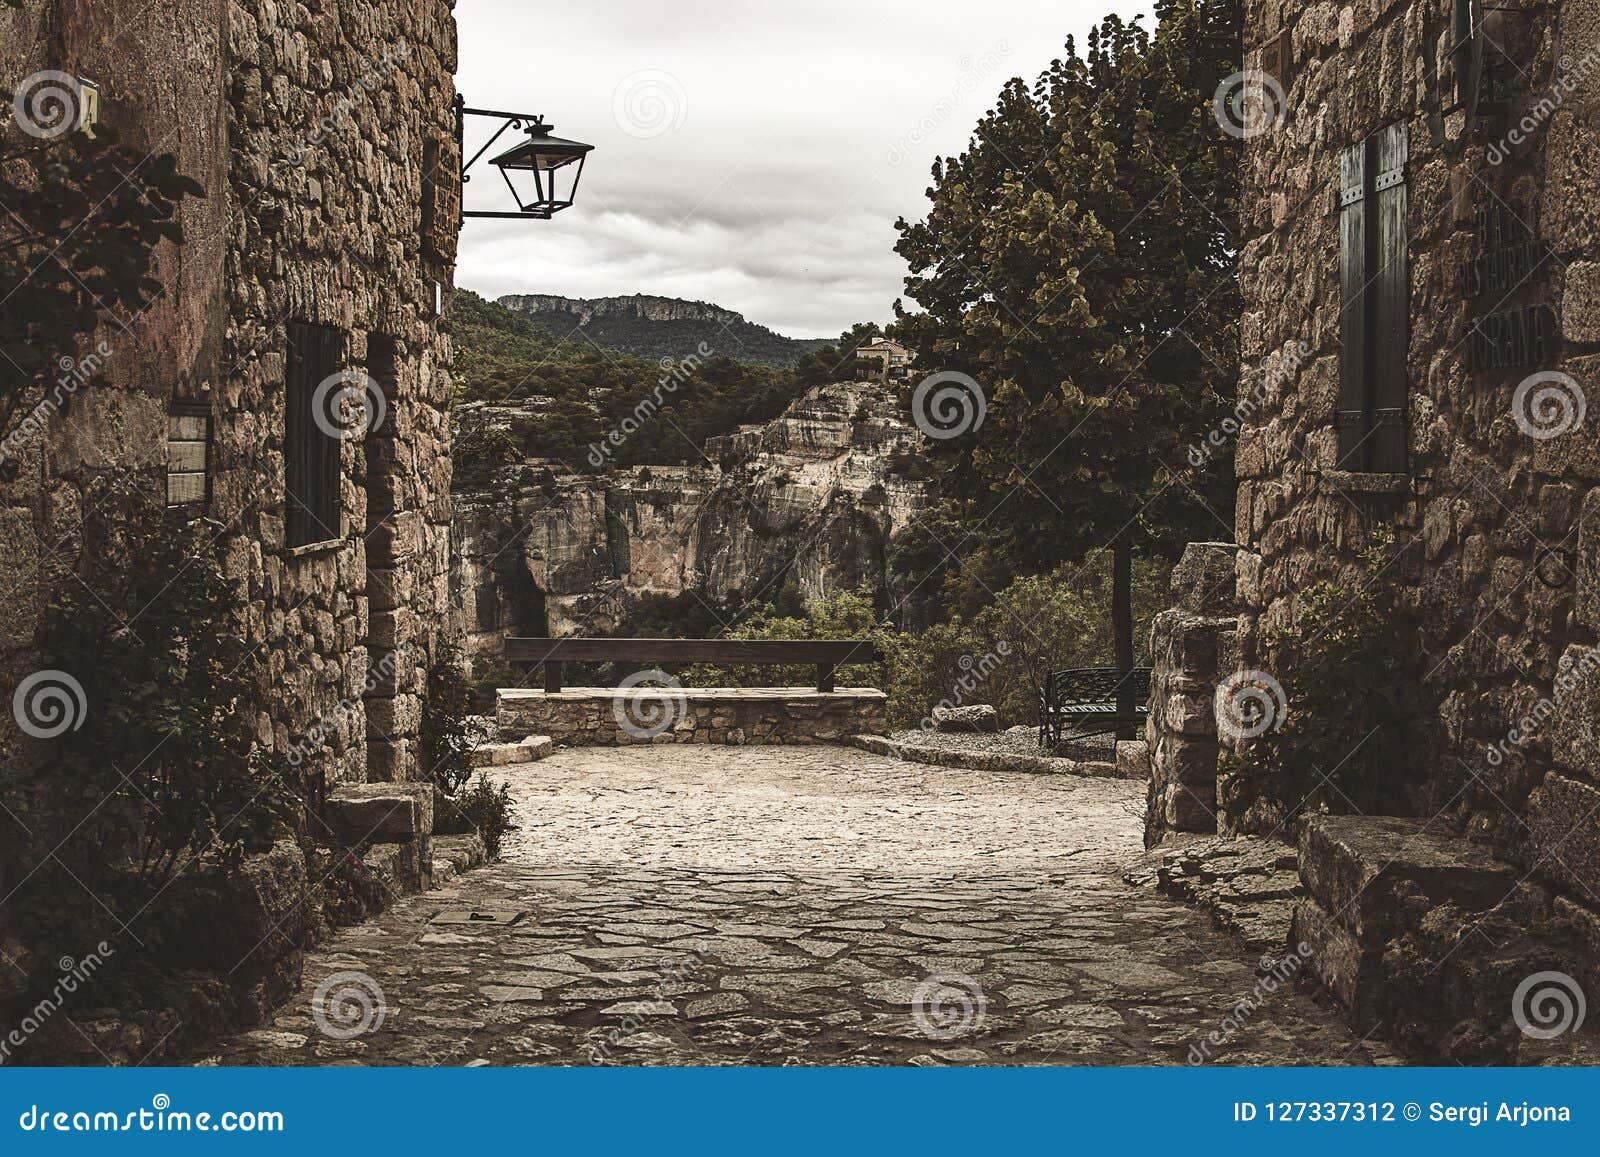 Calles de la arquitectura Románica, de una ciudad en España meridional